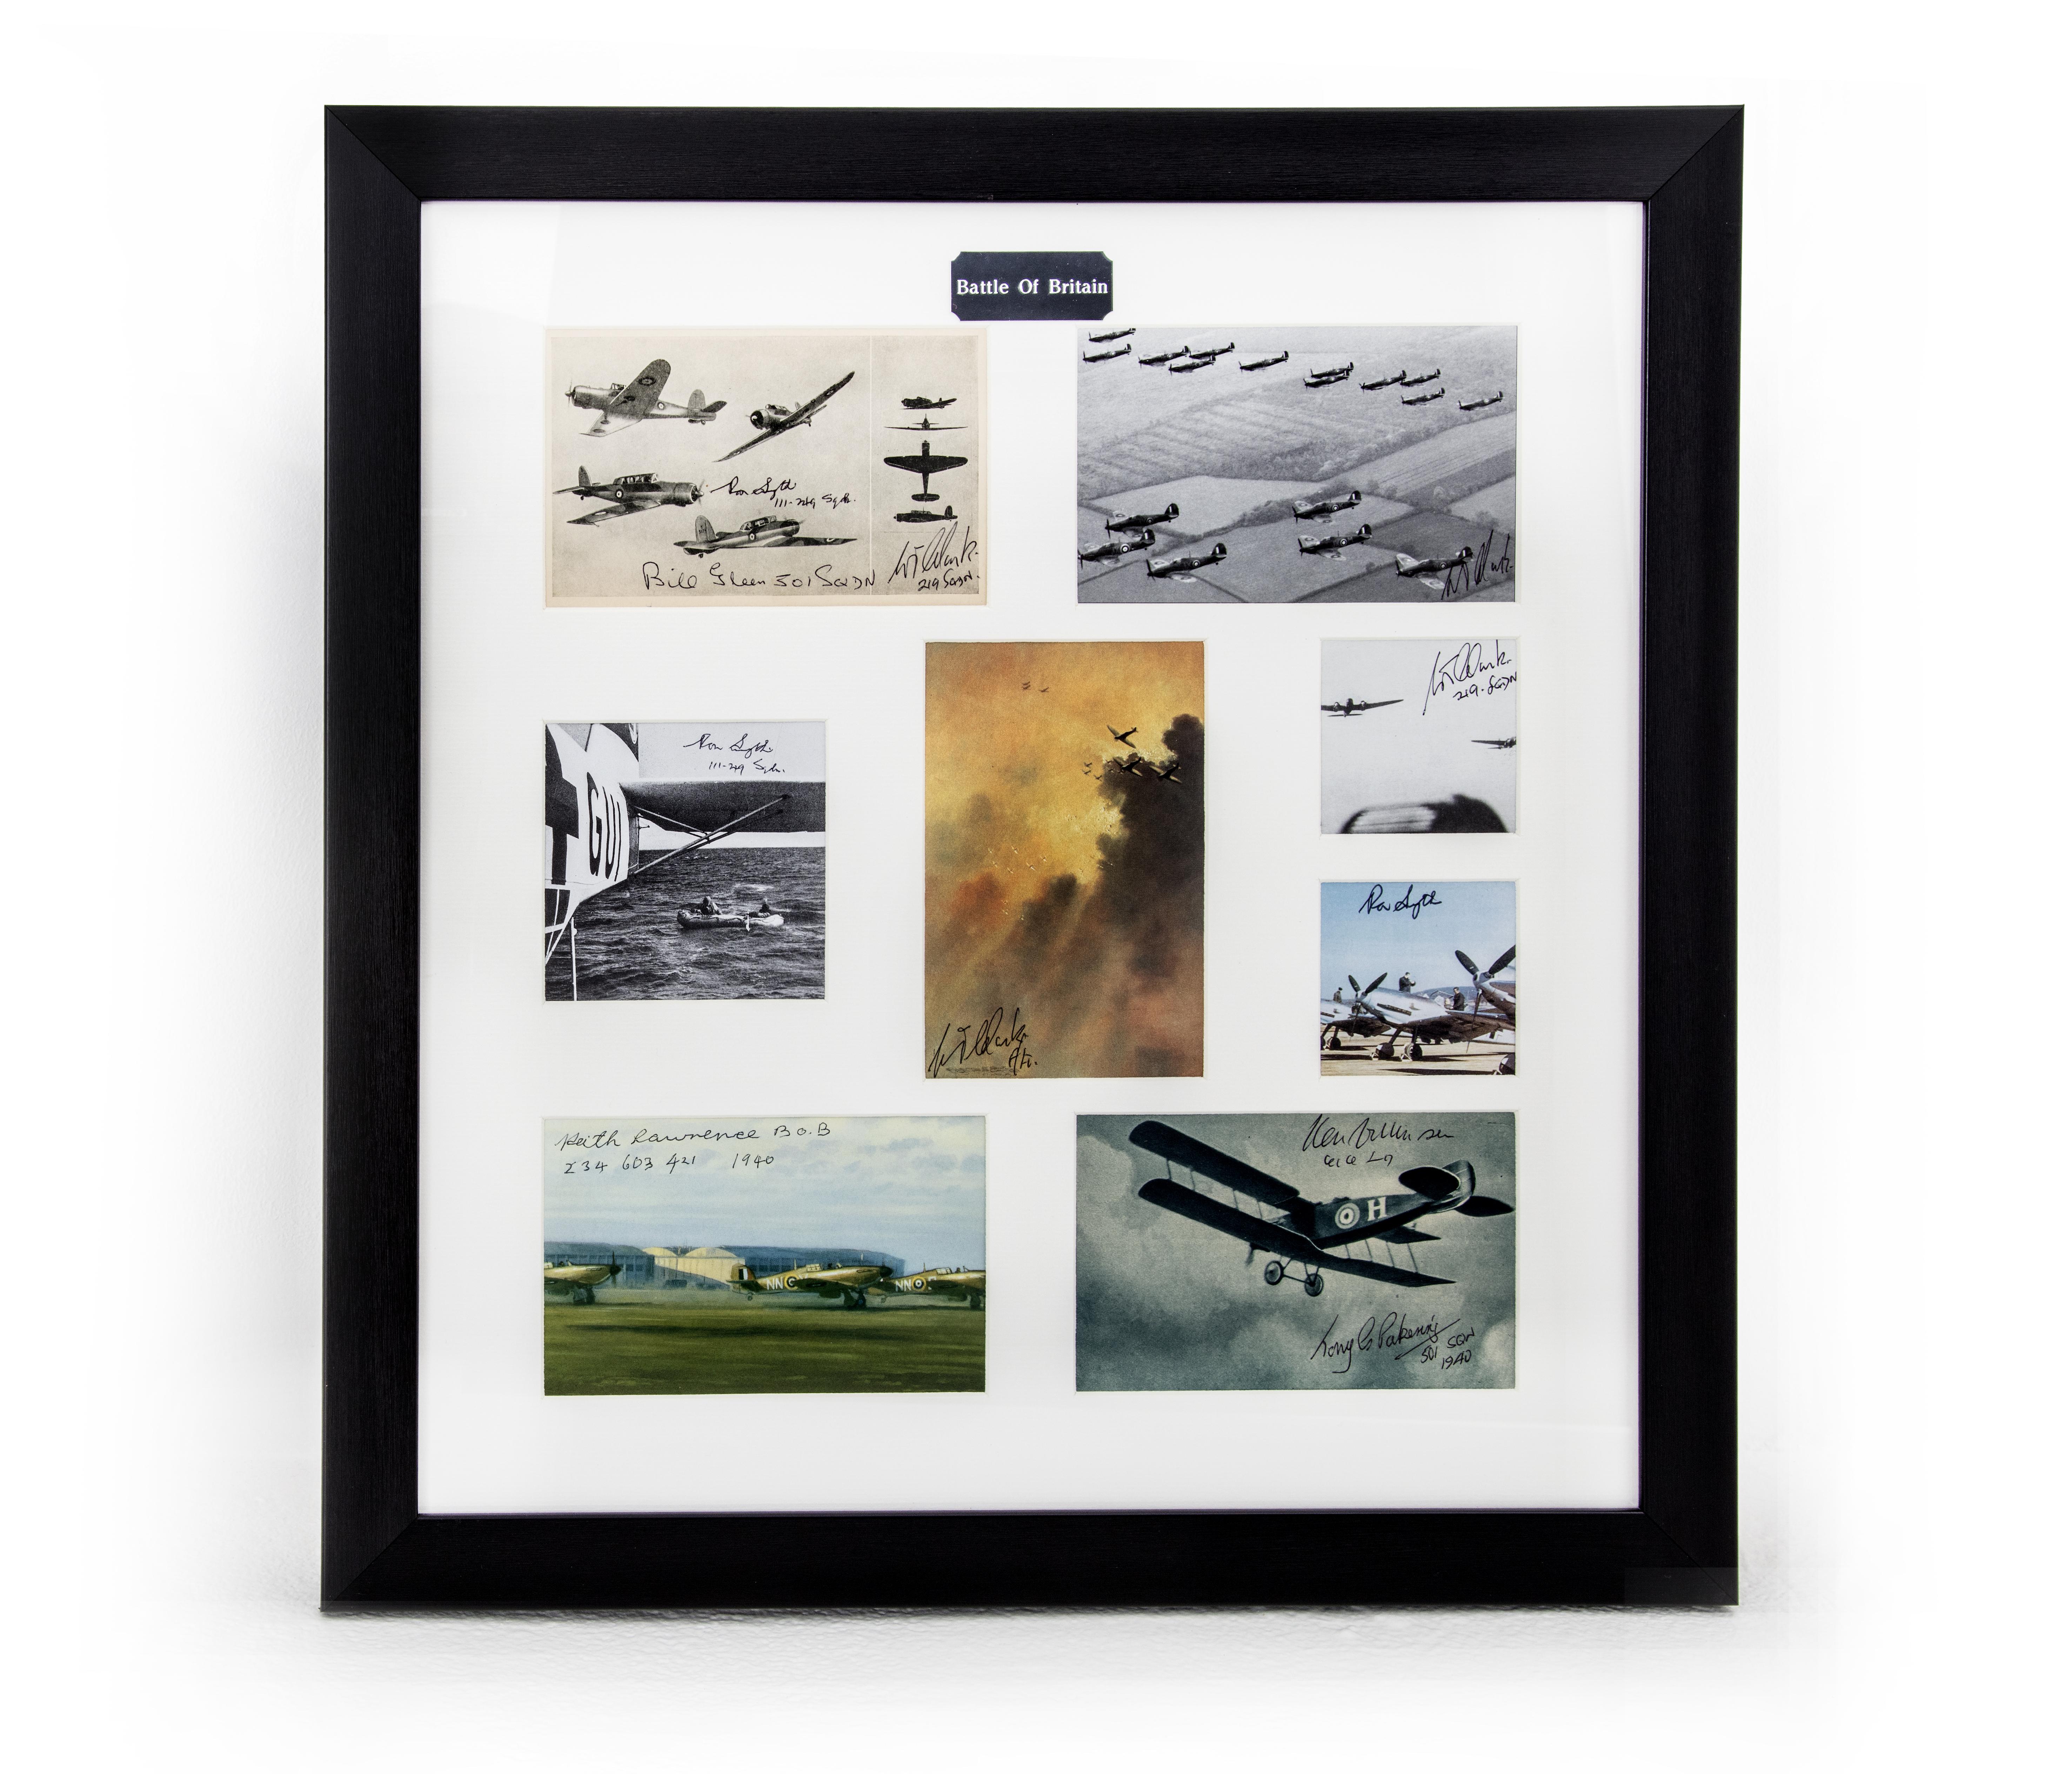 Battle of Britain - Pilots - Front